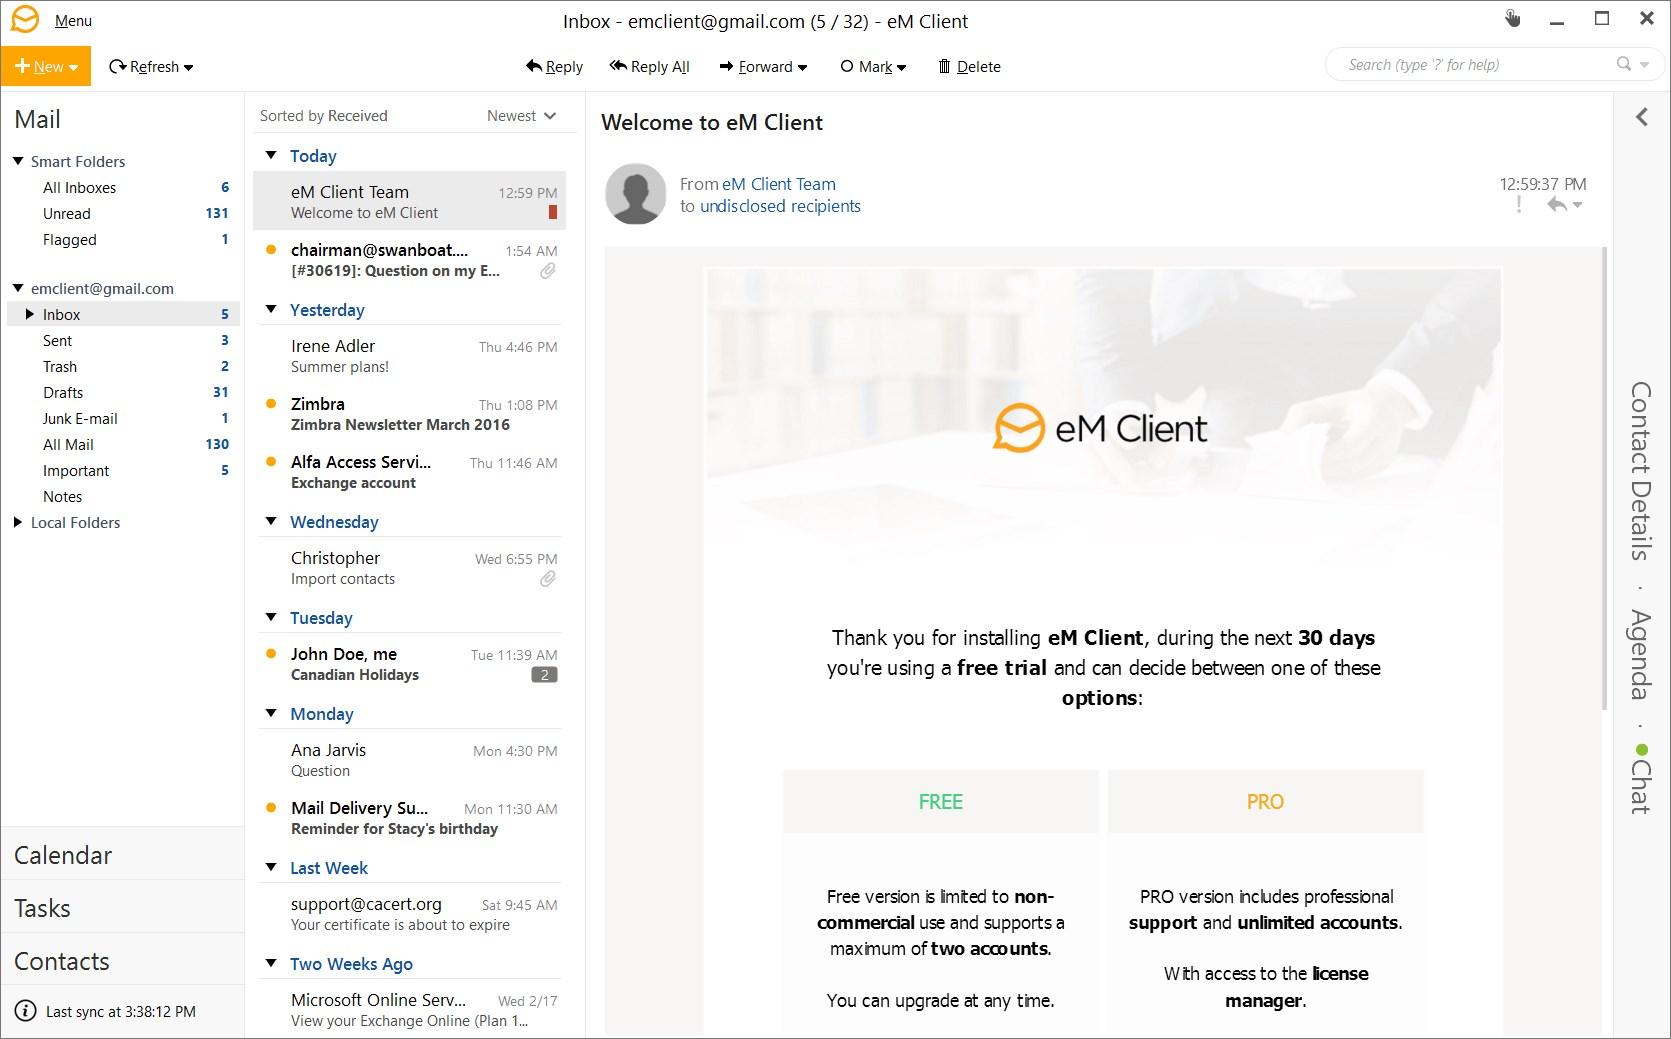 Ứng dụng eM Client đầy đủ tính năng của một giao diện hiện đại và dễ sử dụng